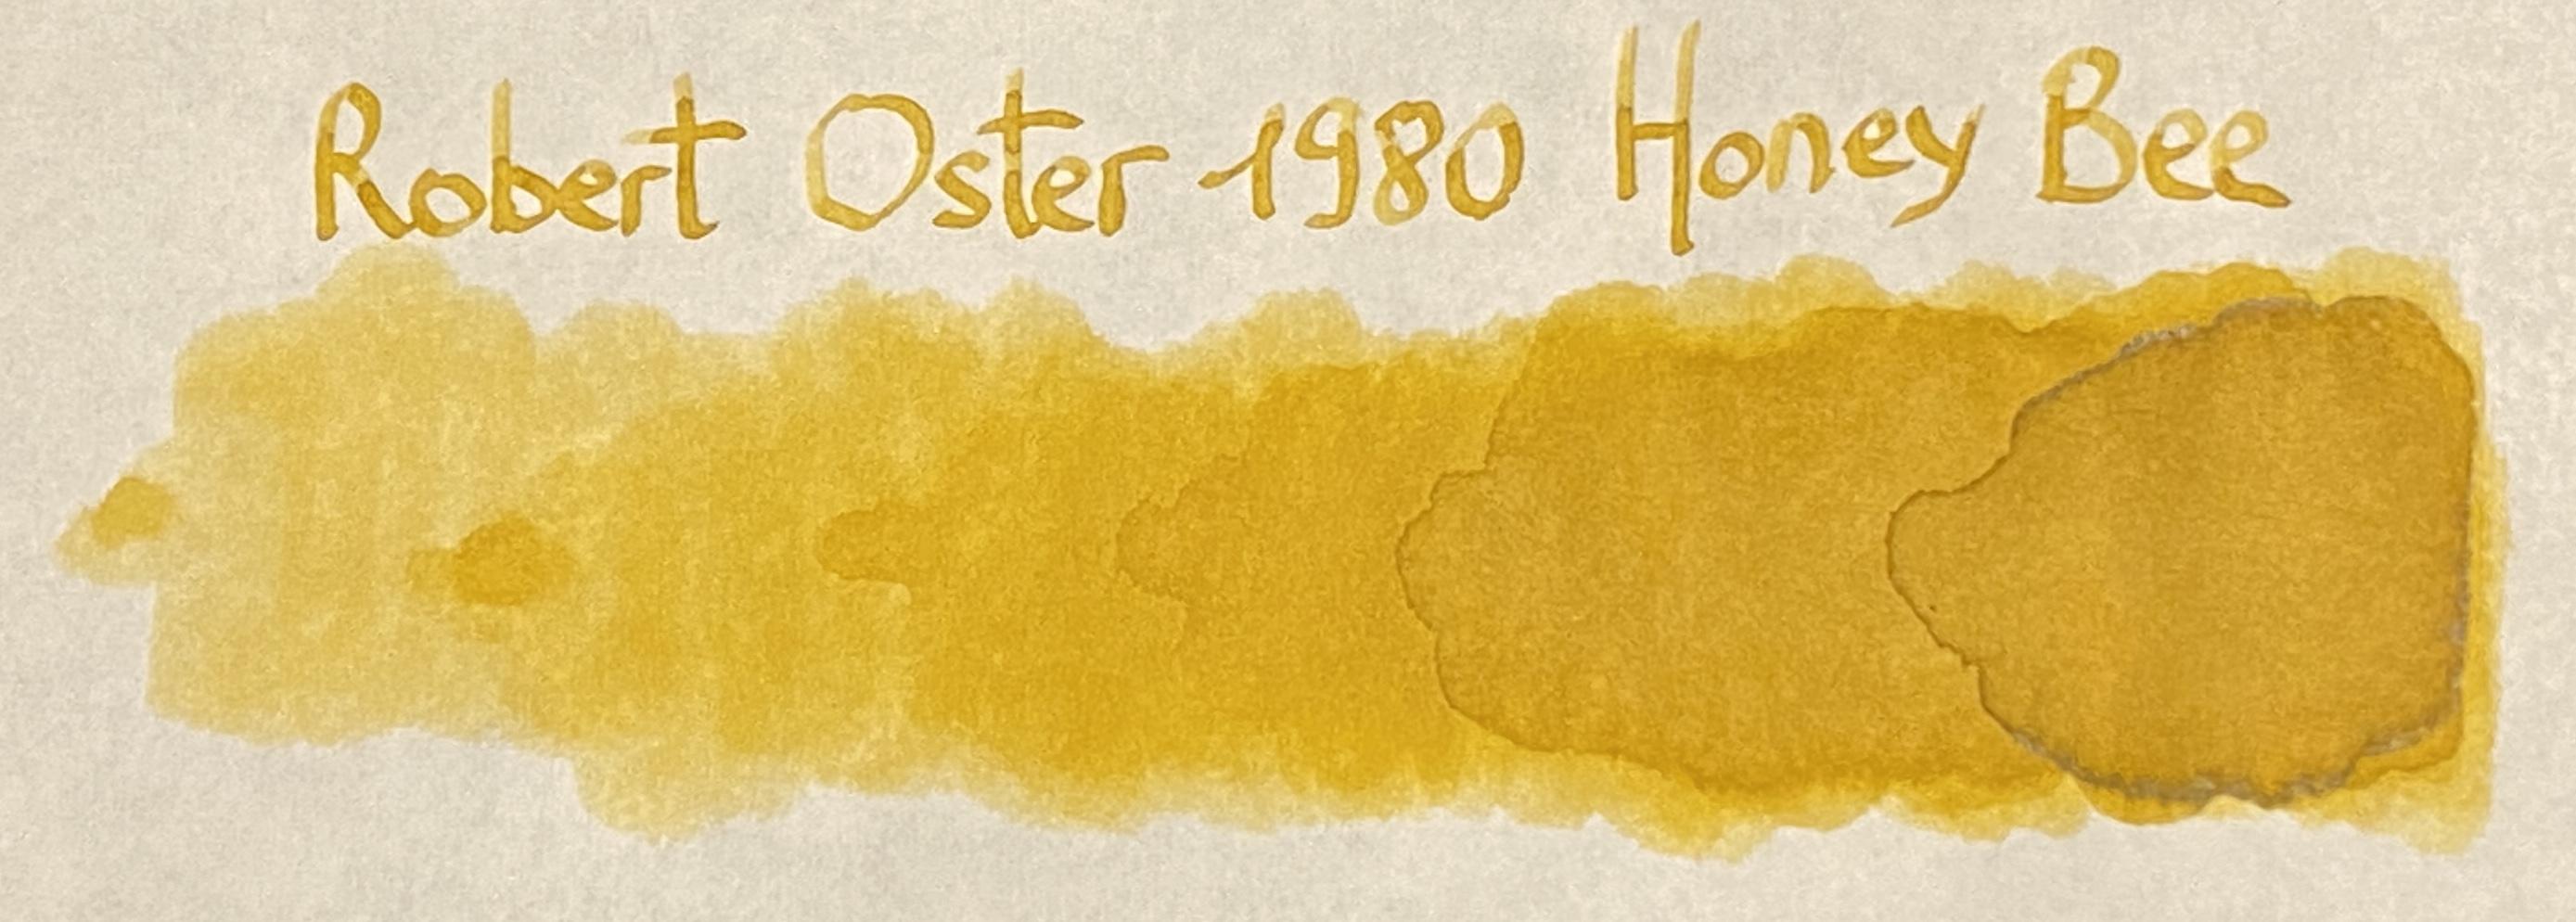 fpn_1576523523__robert_oster_1980_-_hone